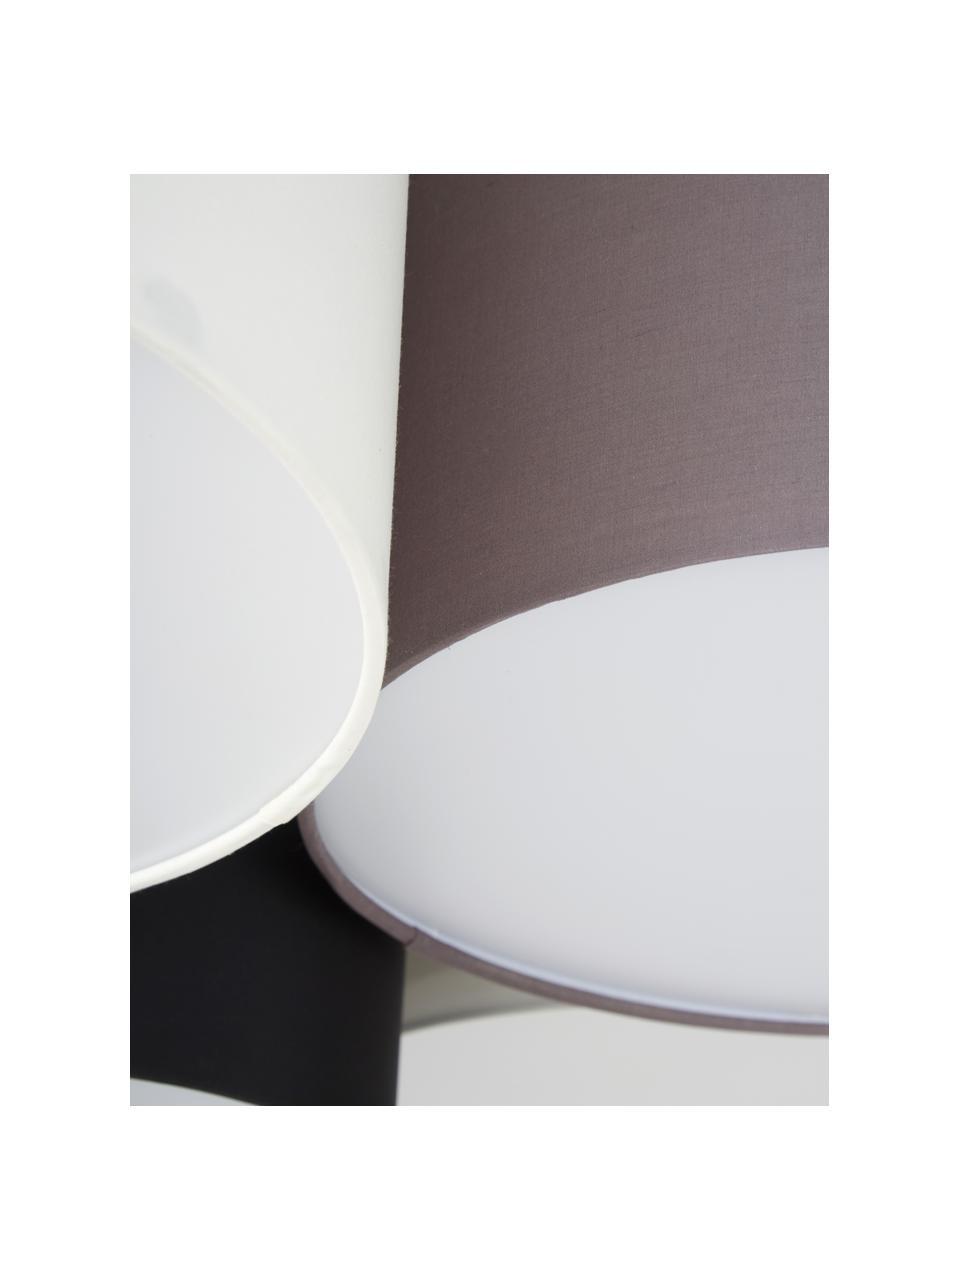 Duża lampa sufitowa Pastore, Brązowy, szary, biały, czarny, Ø 99 x W 29 cm